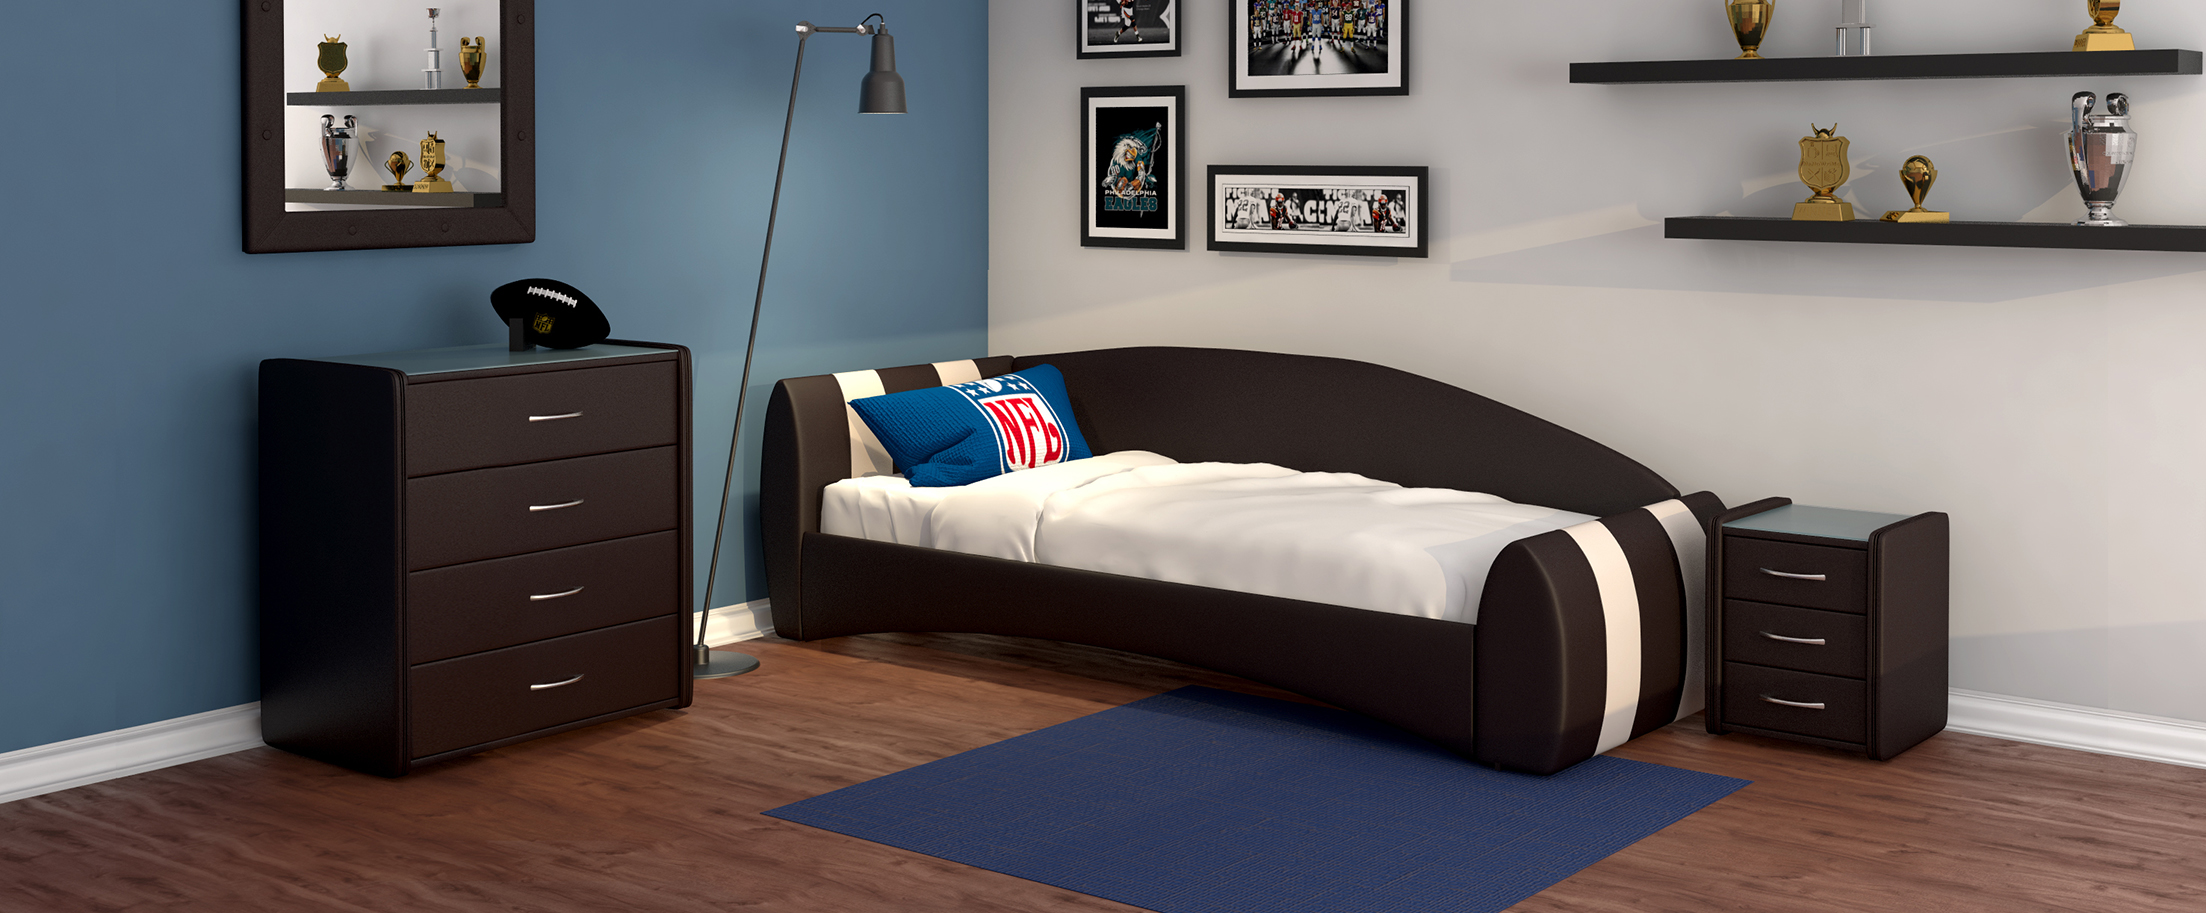 Кровать односпальная Кальвет (левая) Модель 387Односпальная модель с современным дизайном отлично впишется в интерьер подростковой комнаты. Расположение спинки возможно как левое, так и правое.